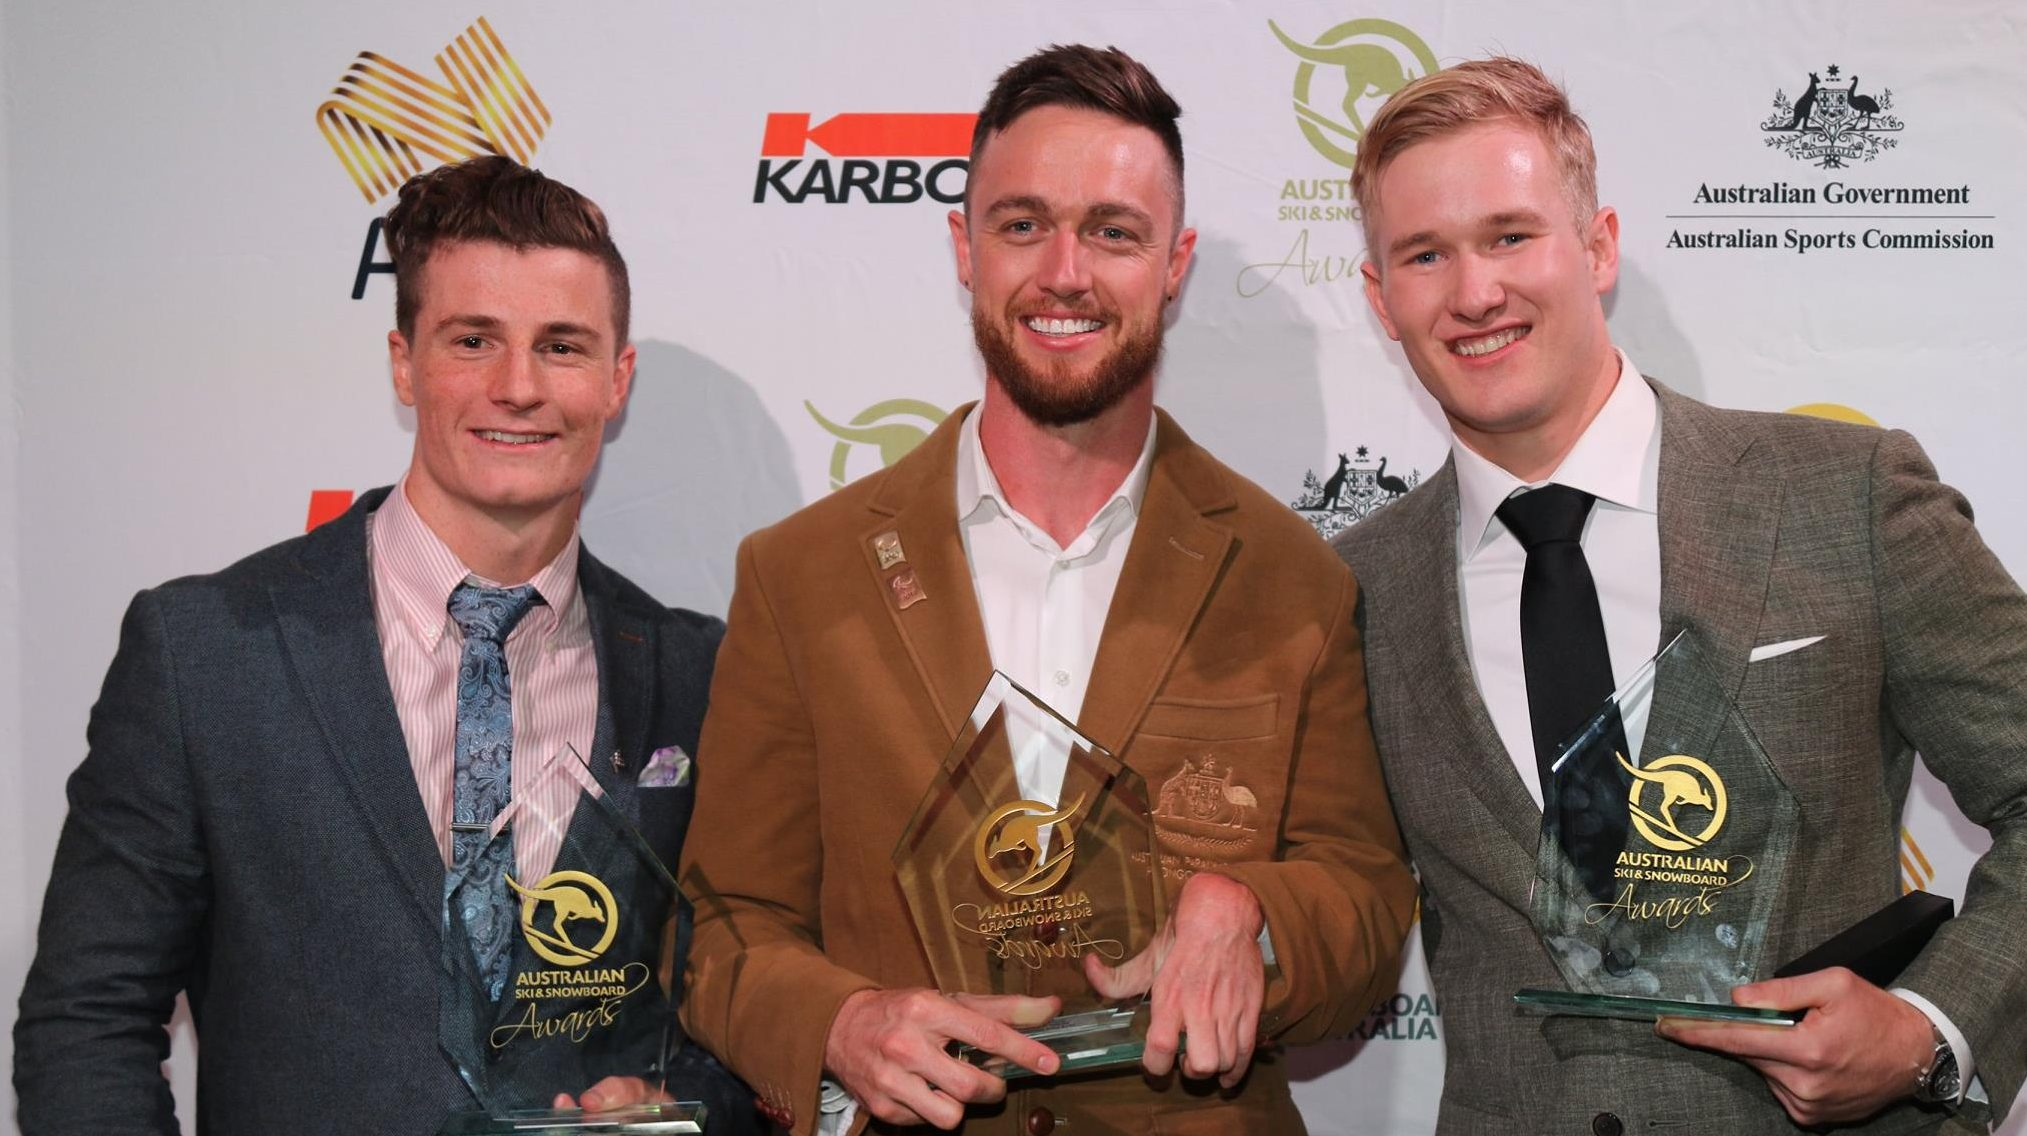 PyeongChang star takes top honours at 2018 Australian Ski and Snowboard Awards